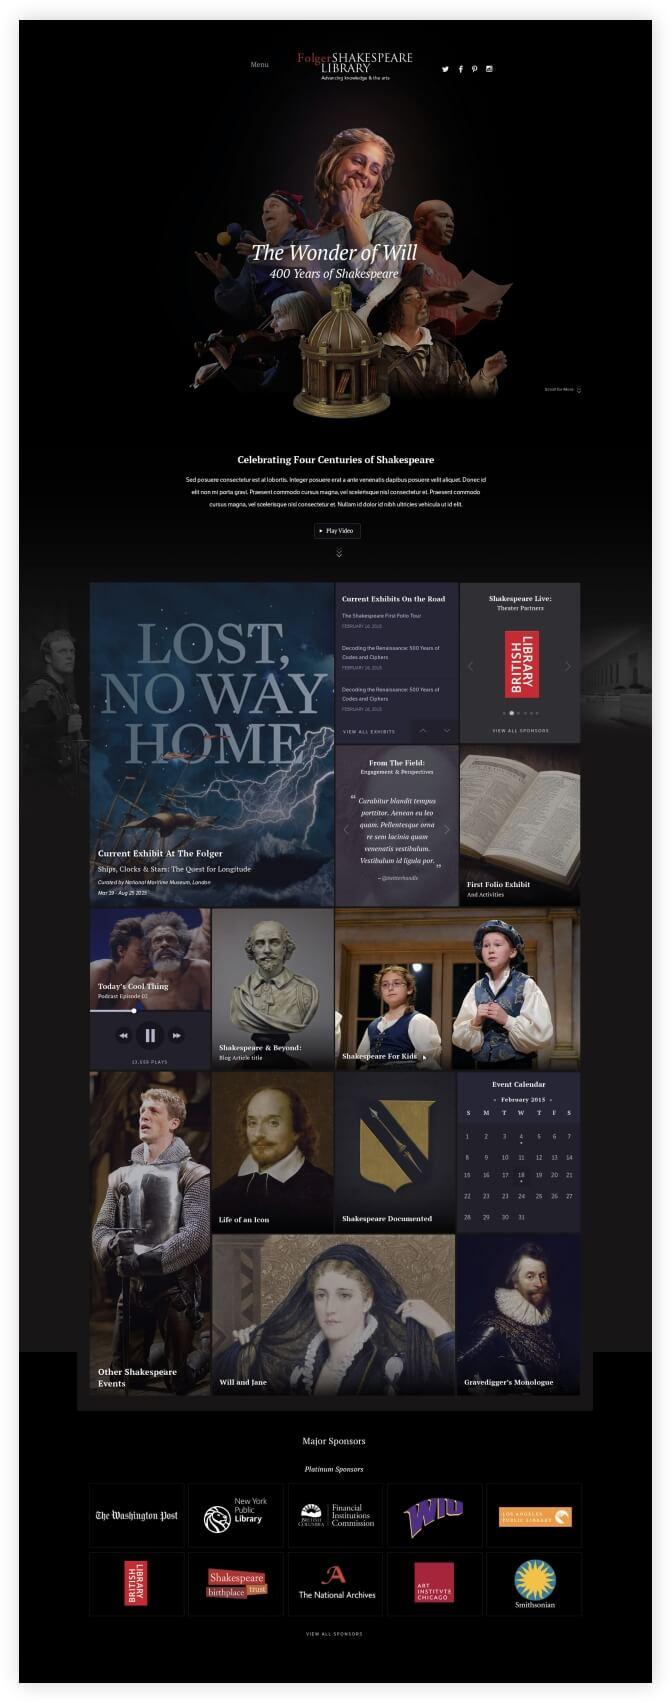 wonder of will homepage screenshot